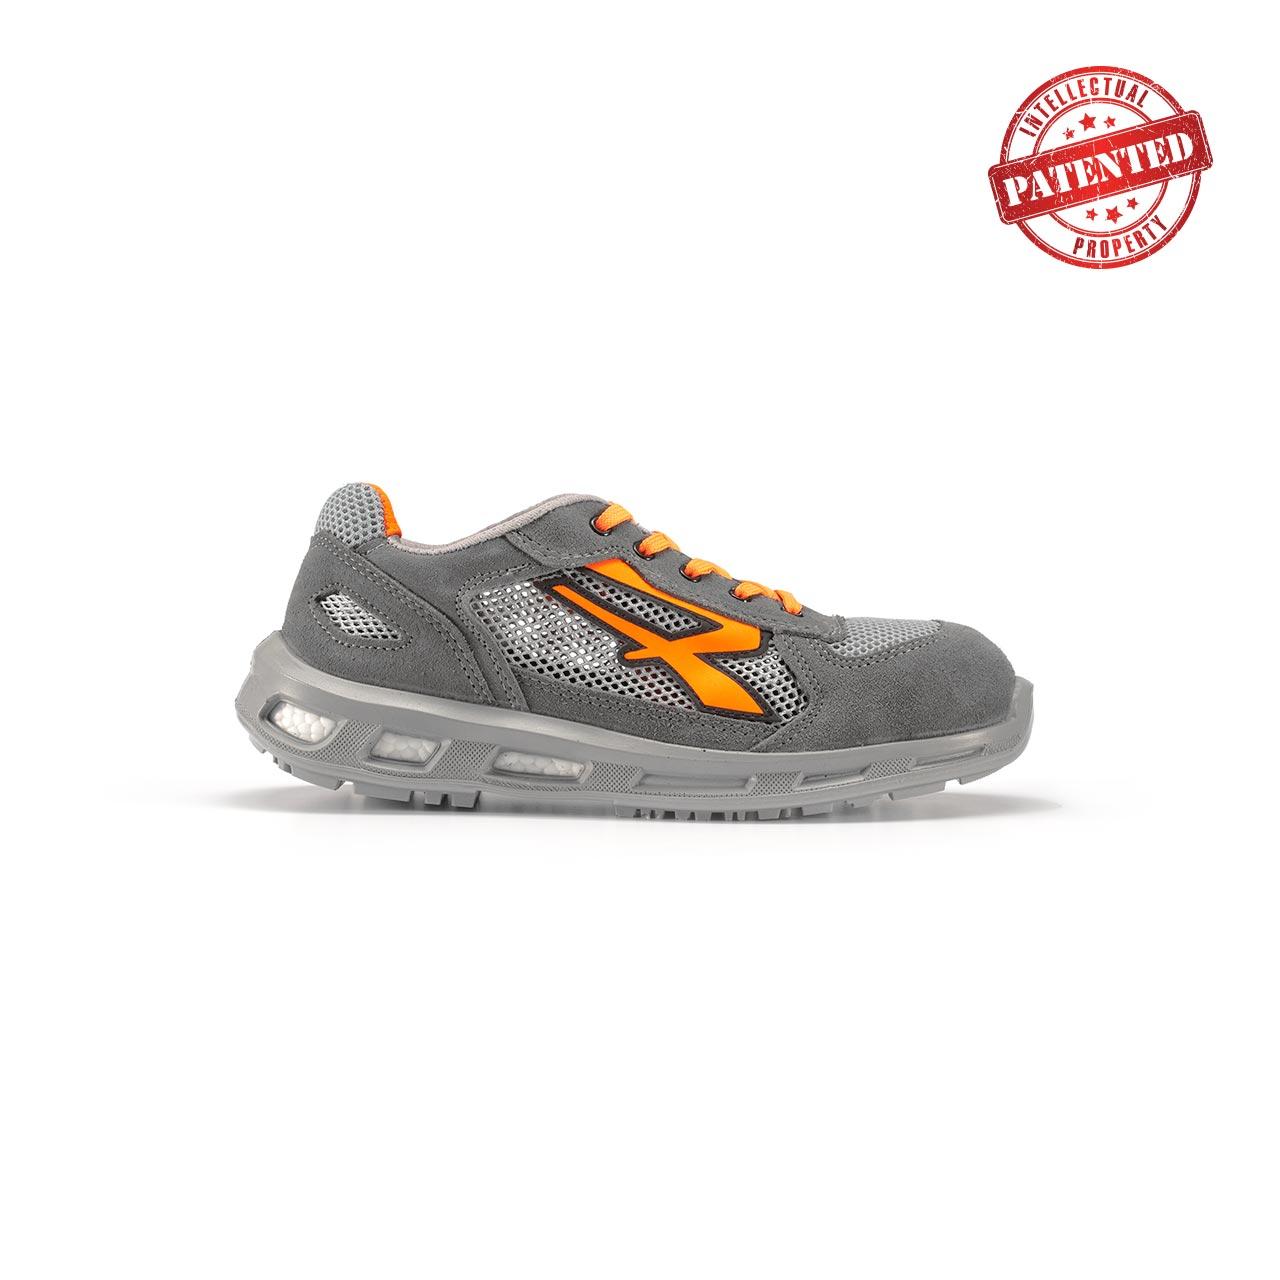 calzatura da lavoro upower modello ultra linea redlion vista lato destro